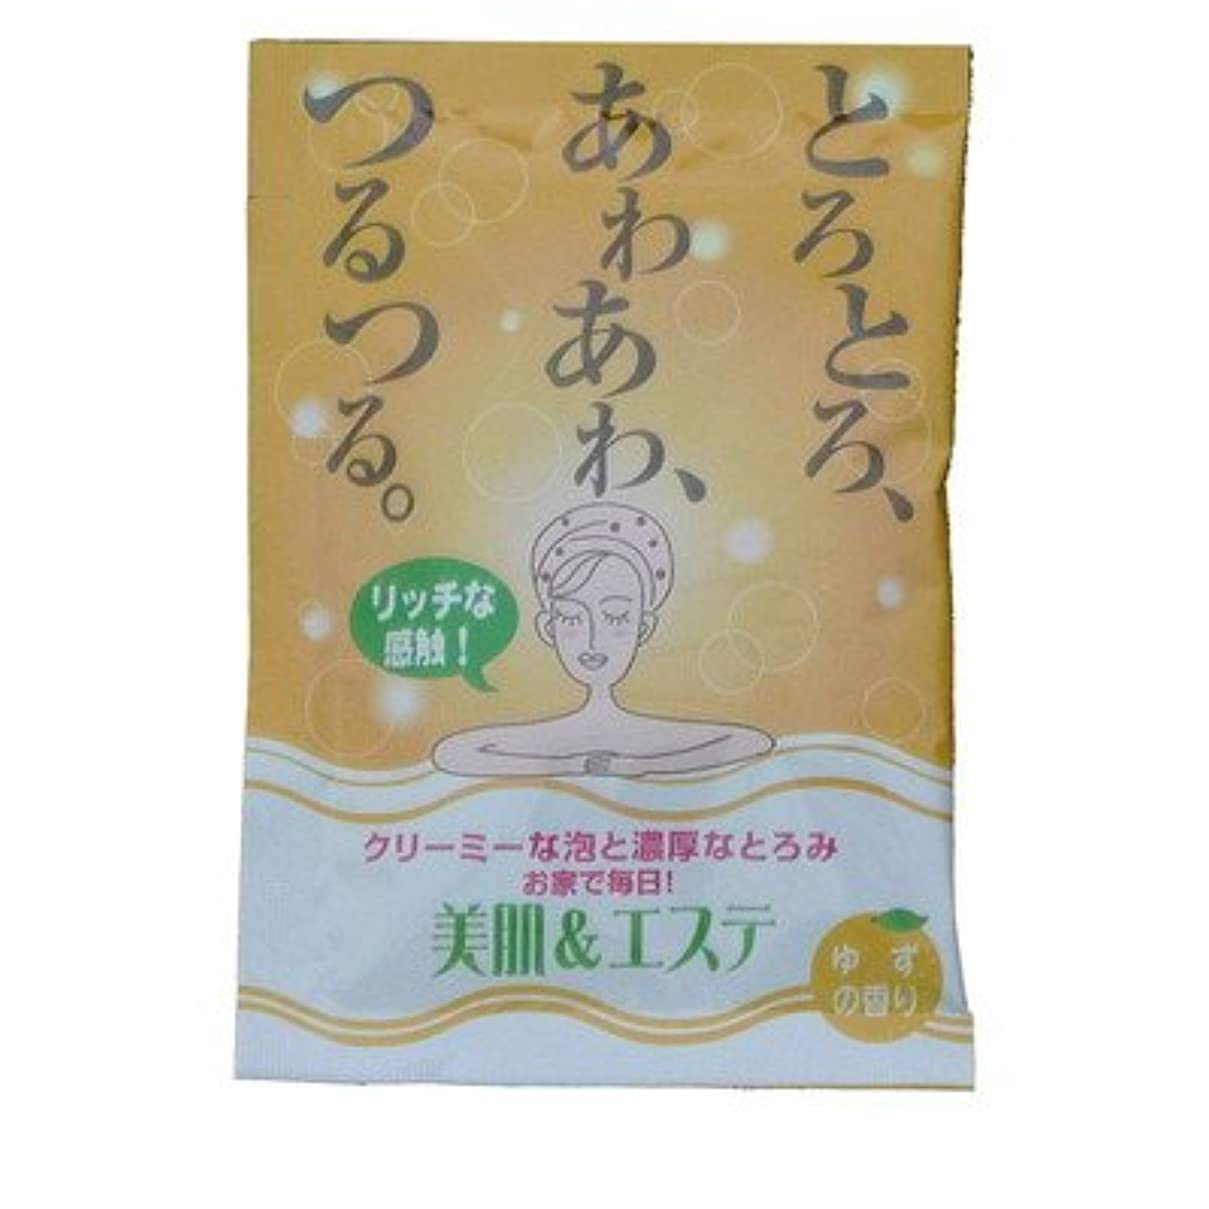 掃除平野ピグマリオンエステクリーミーバス ゆずの香り 30g 【6個パック】